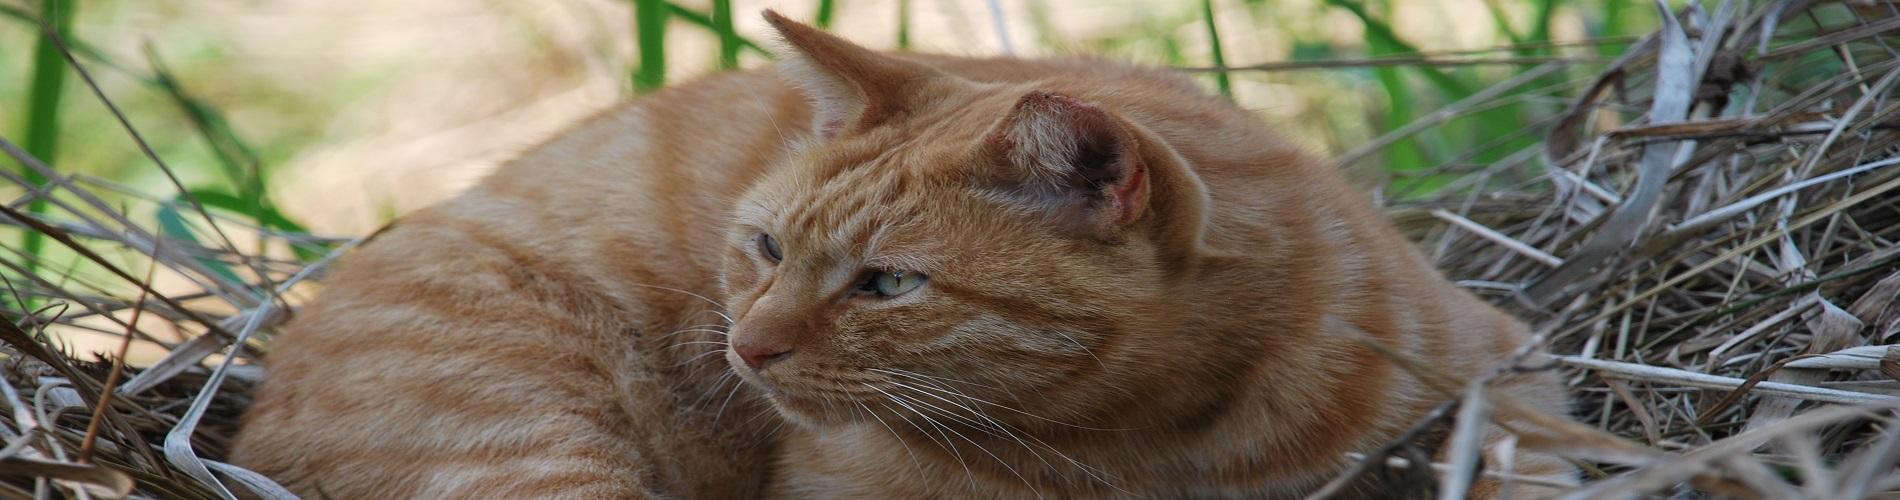 袖ヶ浦公園のネコです